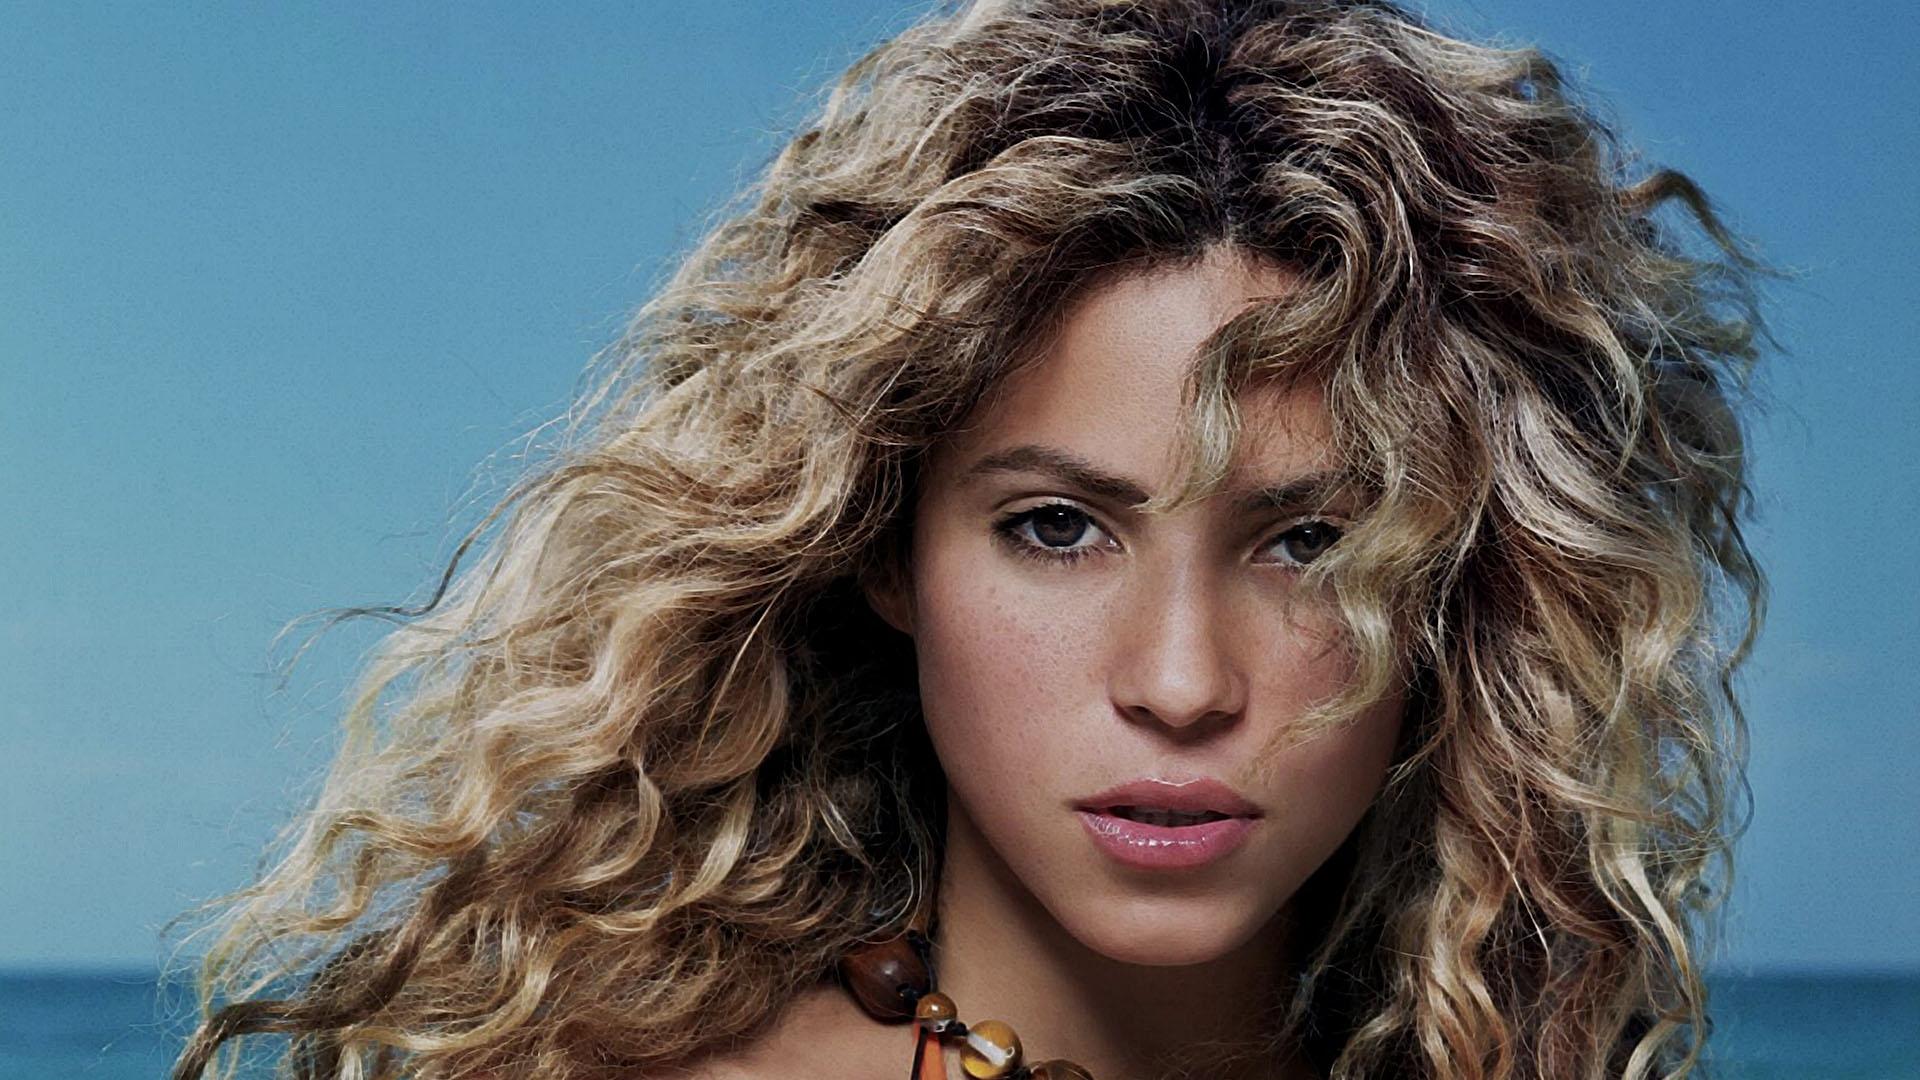 Wallpaper Face Model Long Hair Black Hair Shakira Supermodel